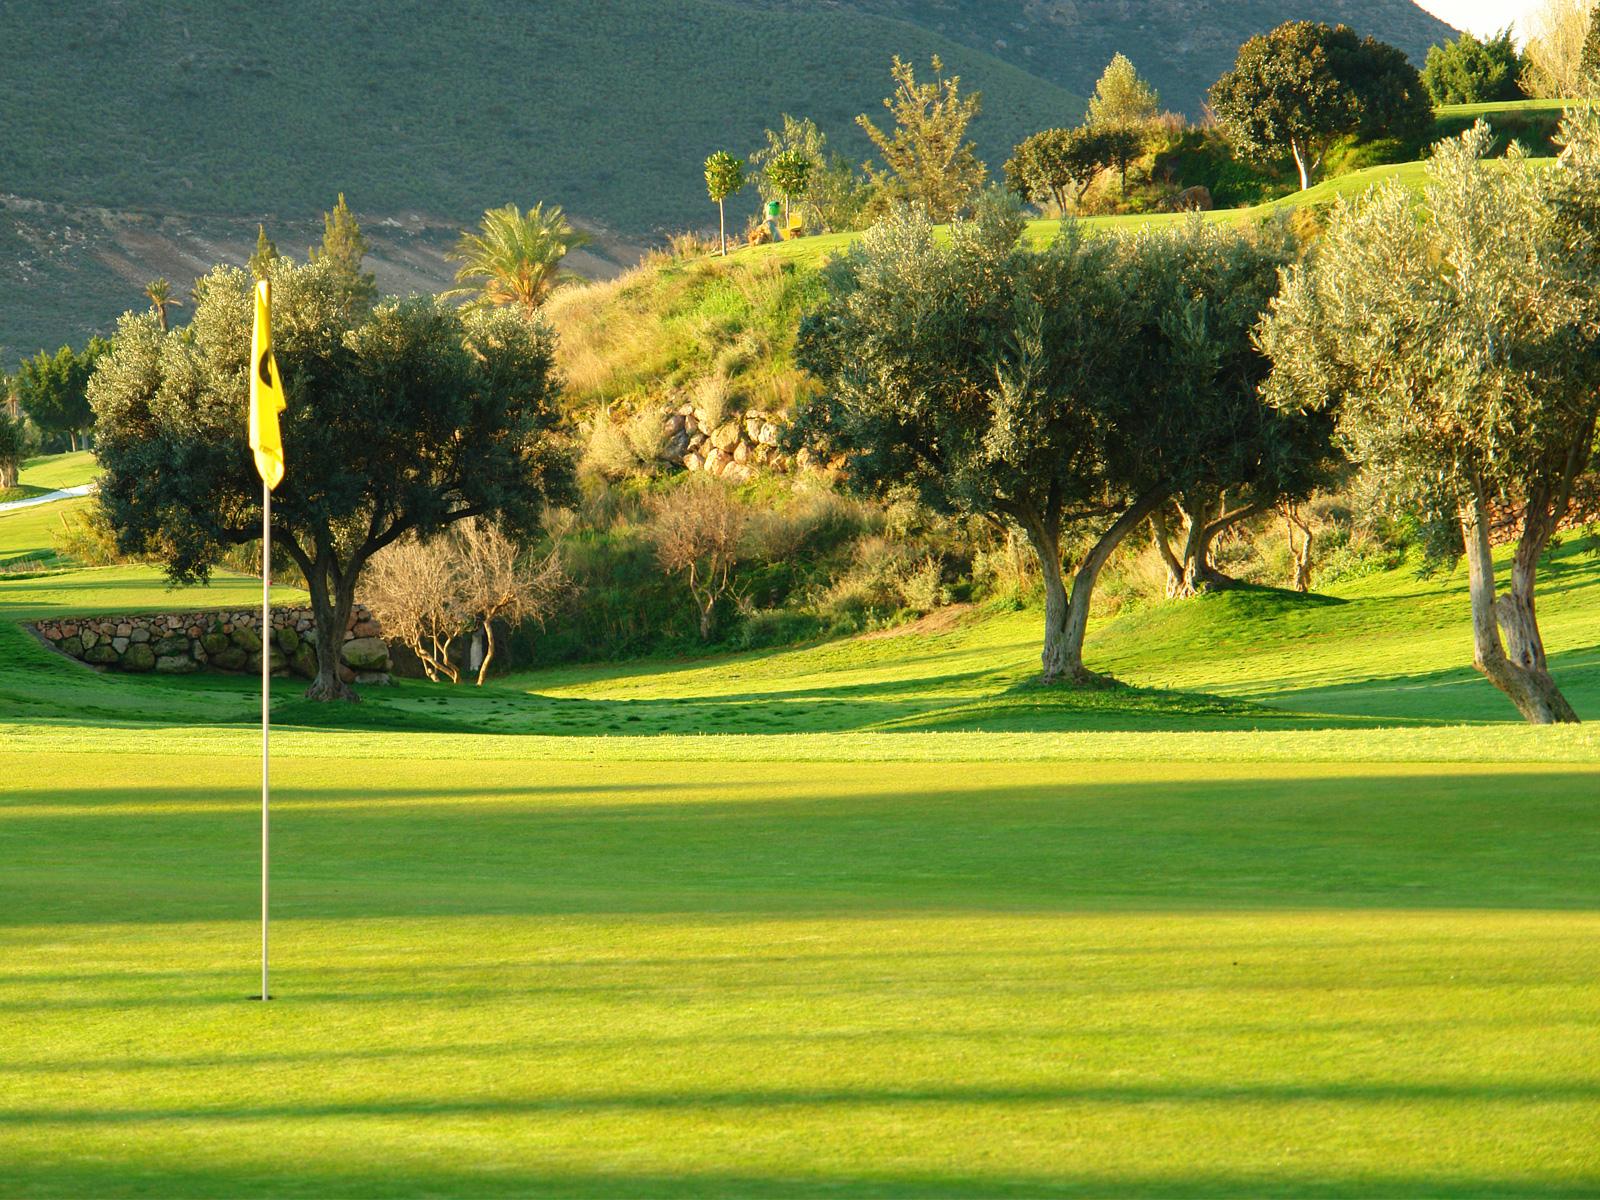 Ofertas Hotel Vincci Selección Envía Almería Wellness & Golf - El mejor Golf en Almería